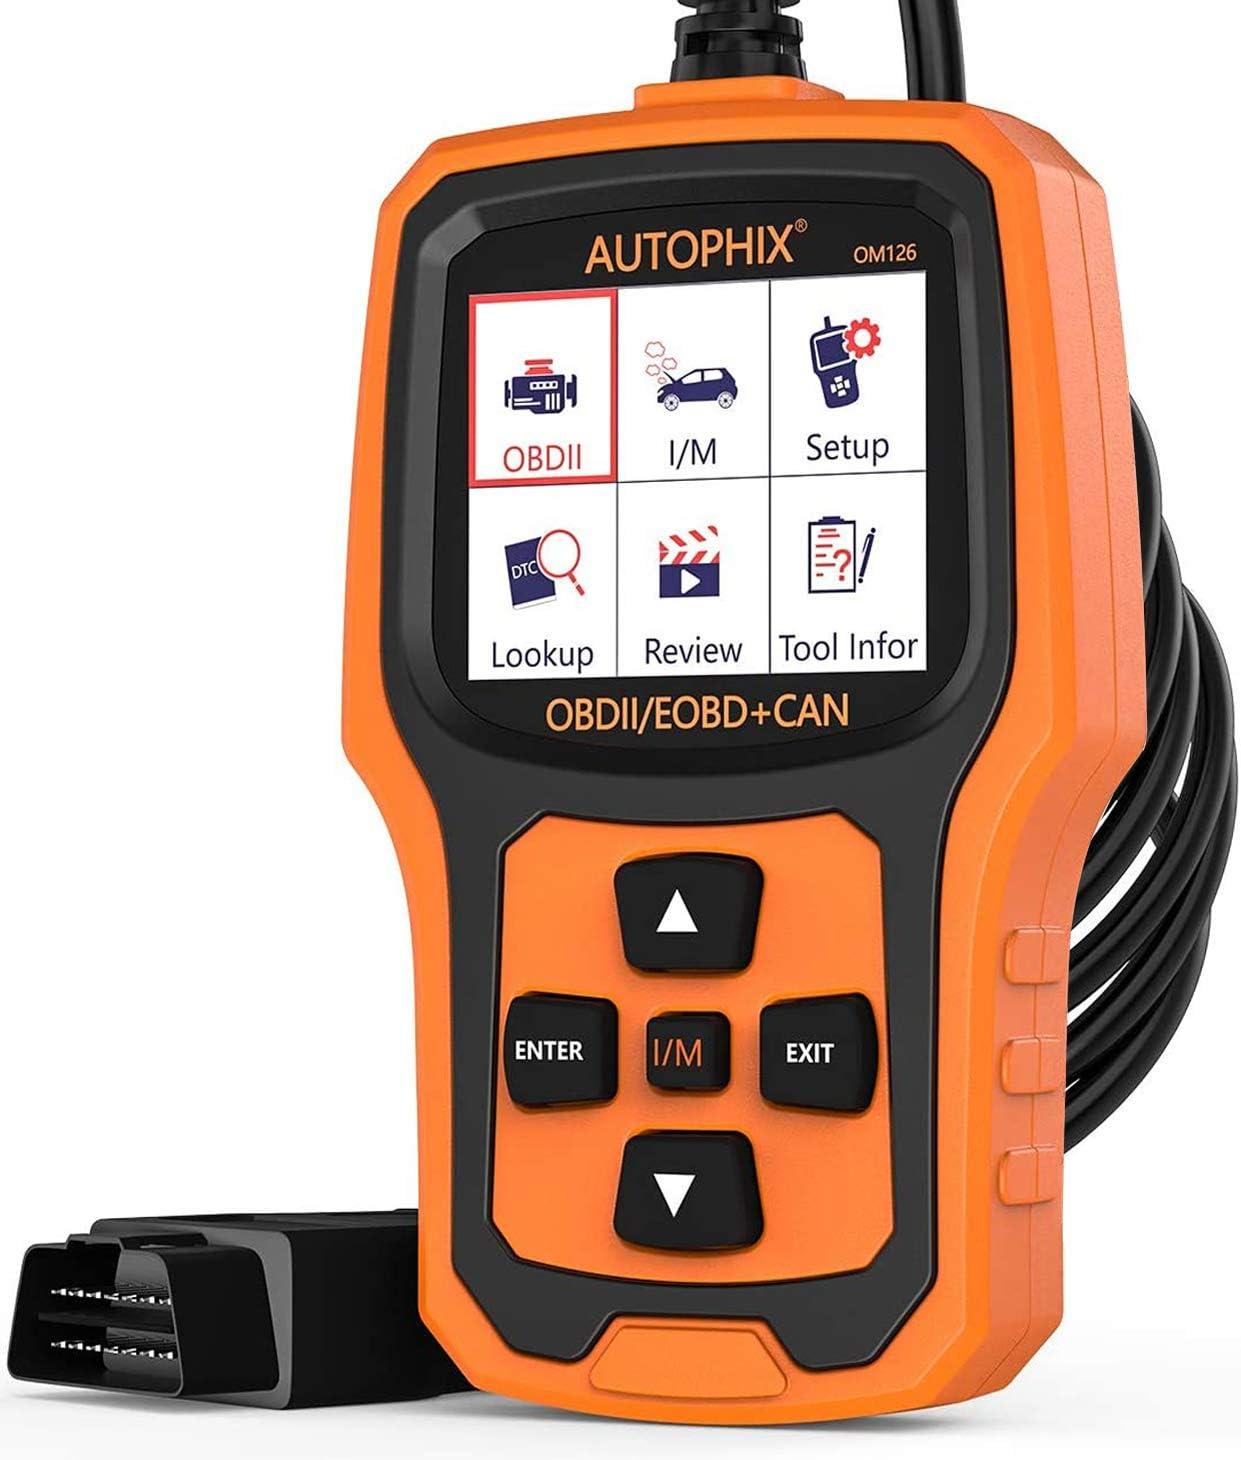 Autophix Obd2 Auto Diagnosegerät Universal Obd Ii Code Scanner Motordiagnose Werkzeug Kfz Pkw Fehlerauslesegerät Mit Sauerstoffsensortest Schwarz Orange Auto